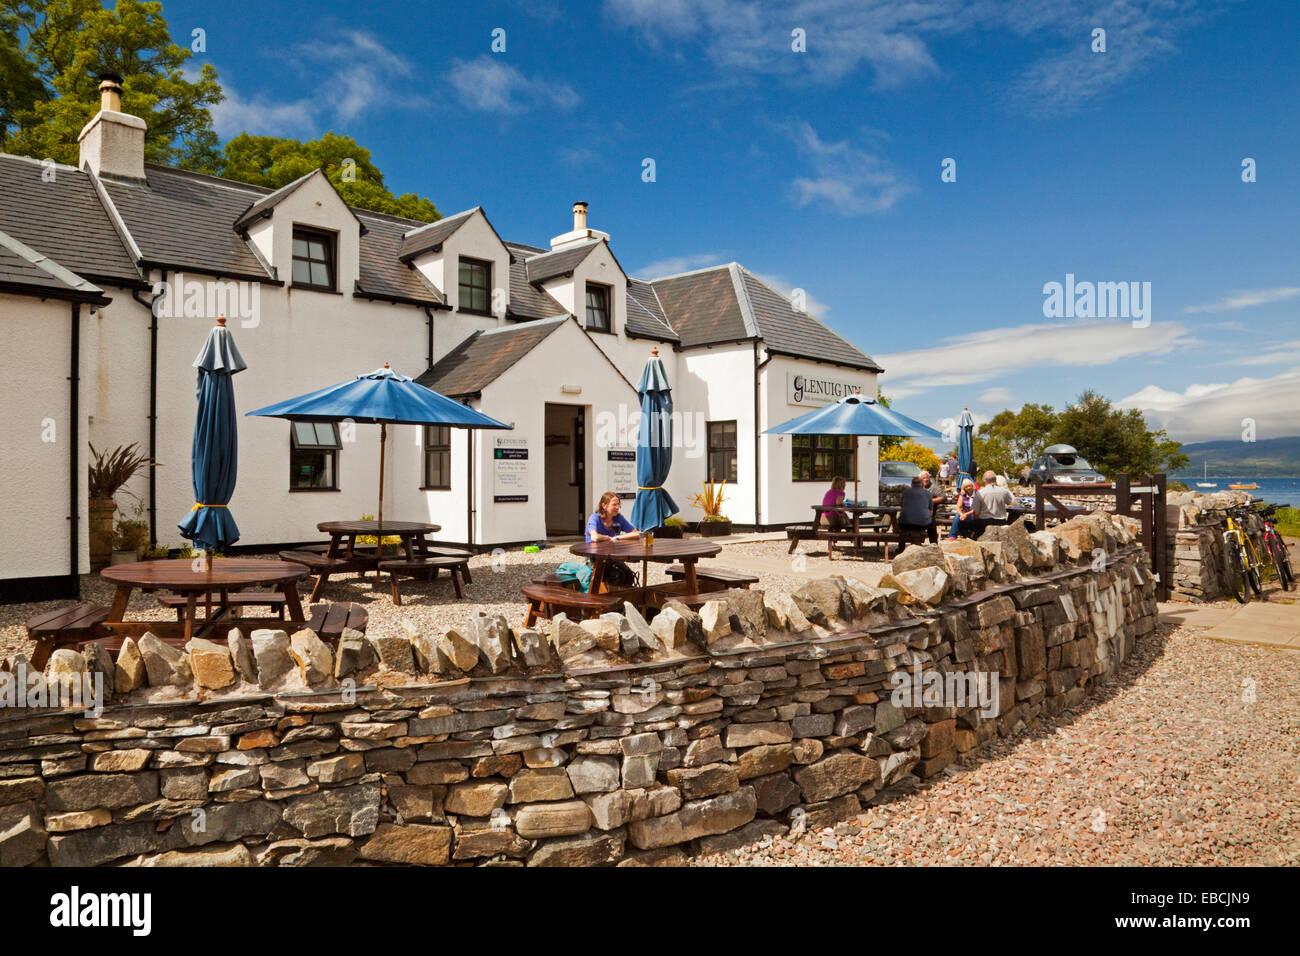 The Glenuig Inn in Moidart - Stock Image